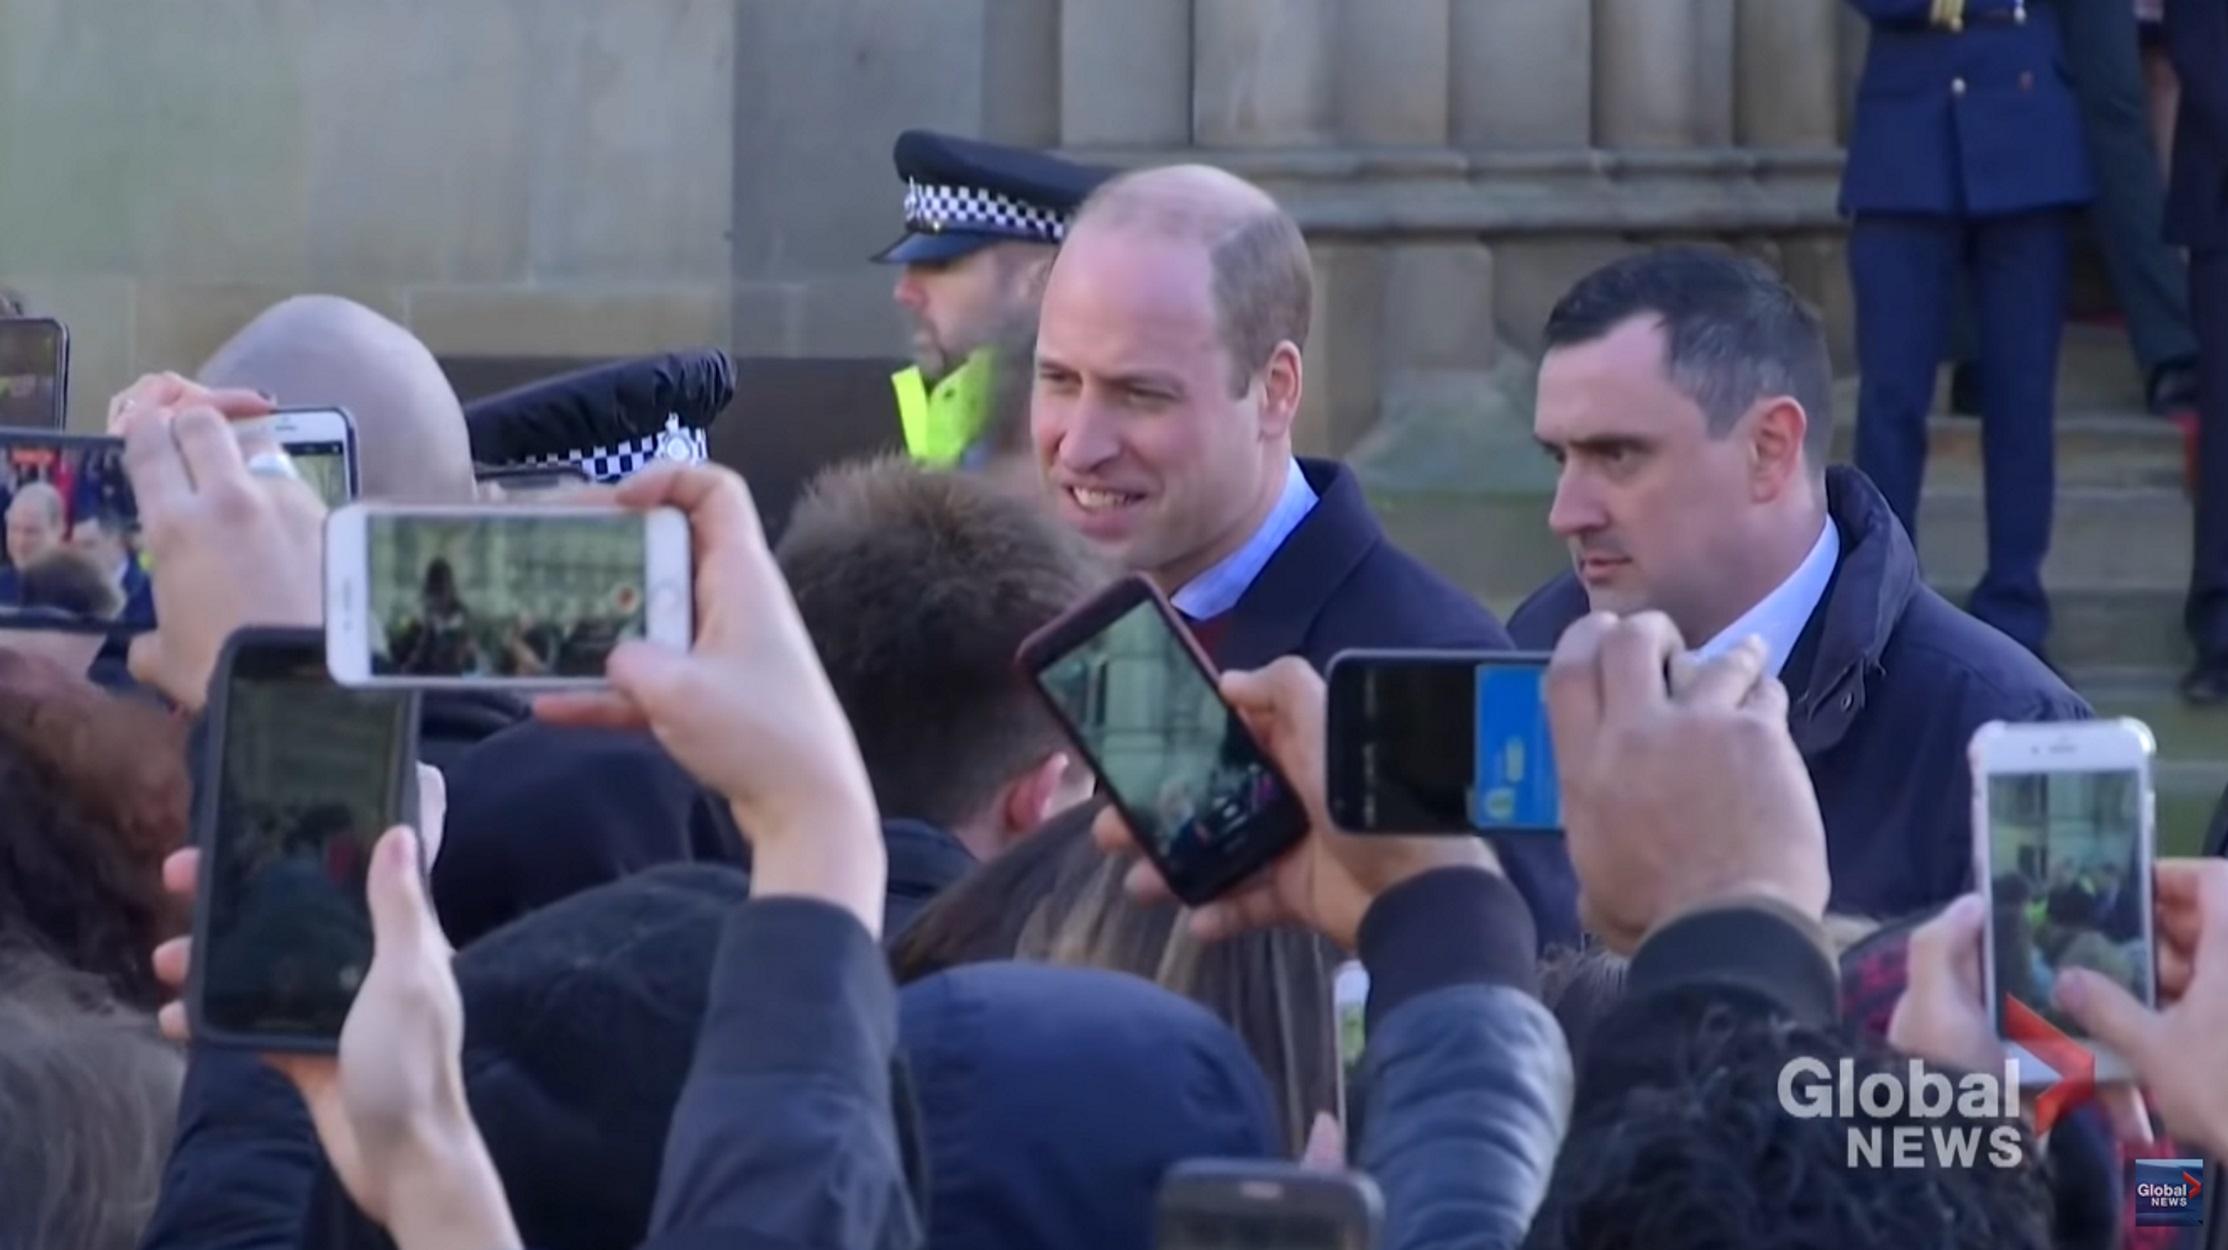 Πρίγκιπας Ουίλιαμ: Απένειμε παράσημο του Τάγματος της Βρετανικής Αυτοκρατορίας σε ράπερ